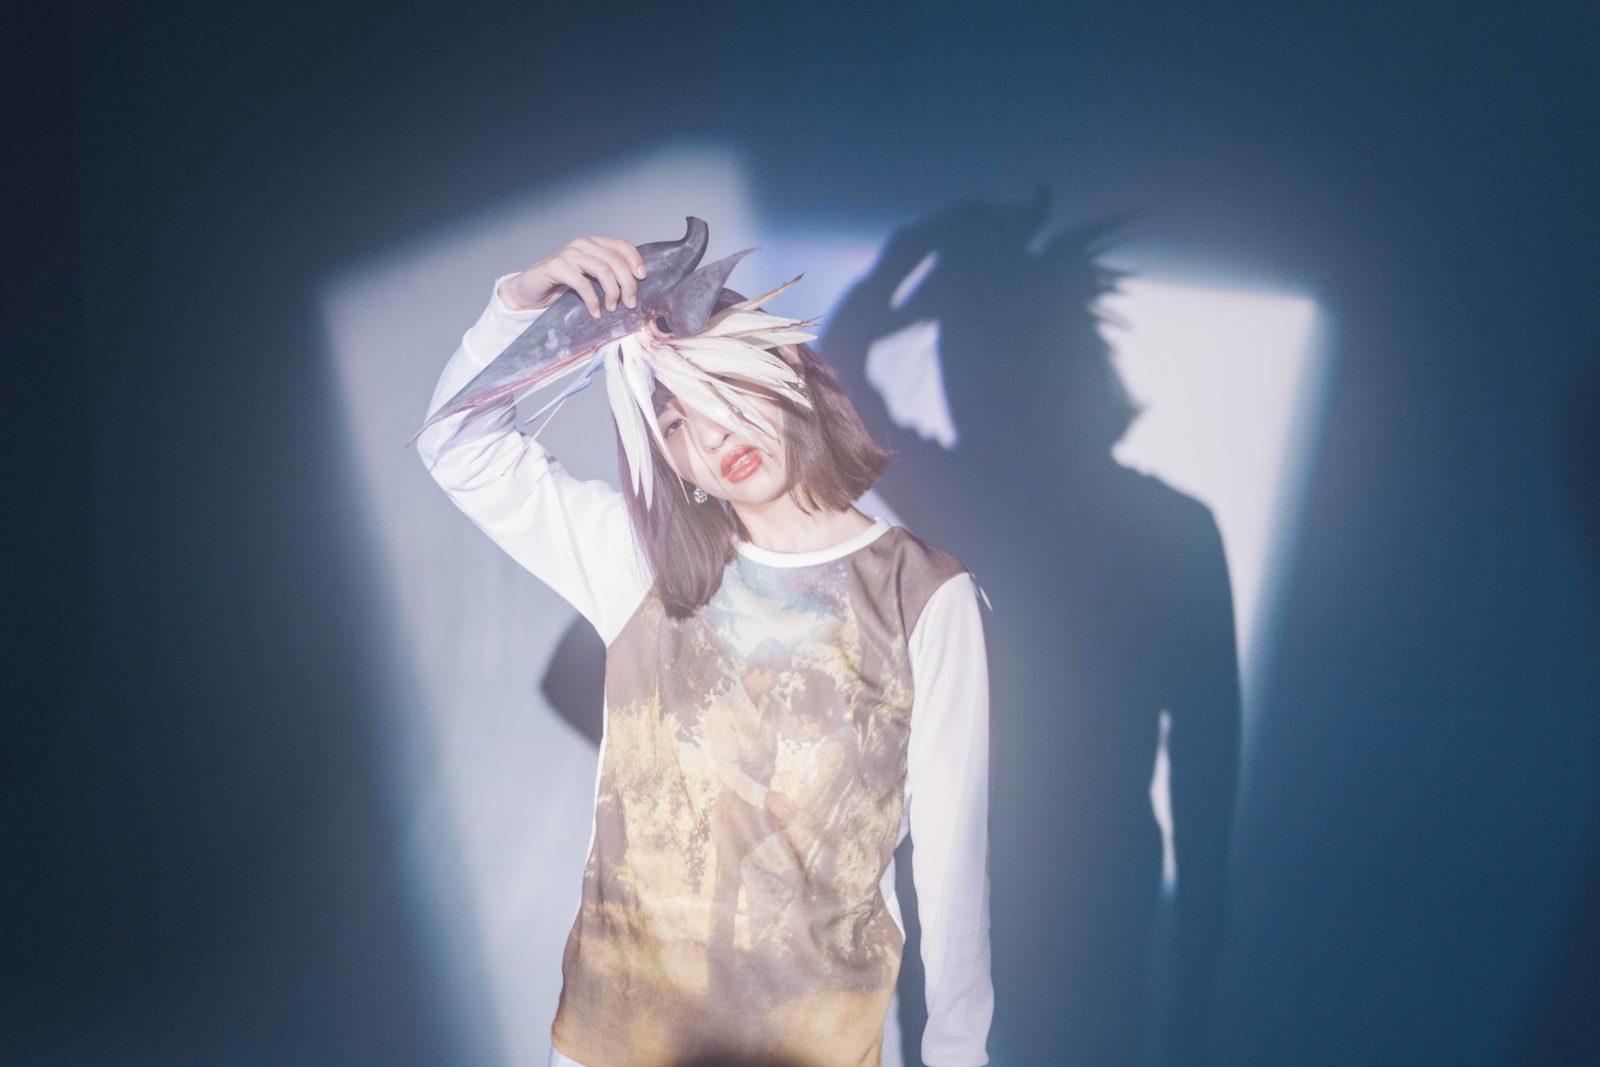 中村アン出演PEACH JOHN CMソングにも歌唱参加!eillのデビュー作MVにモーガン茉愛羅が初出演サムネイル画像